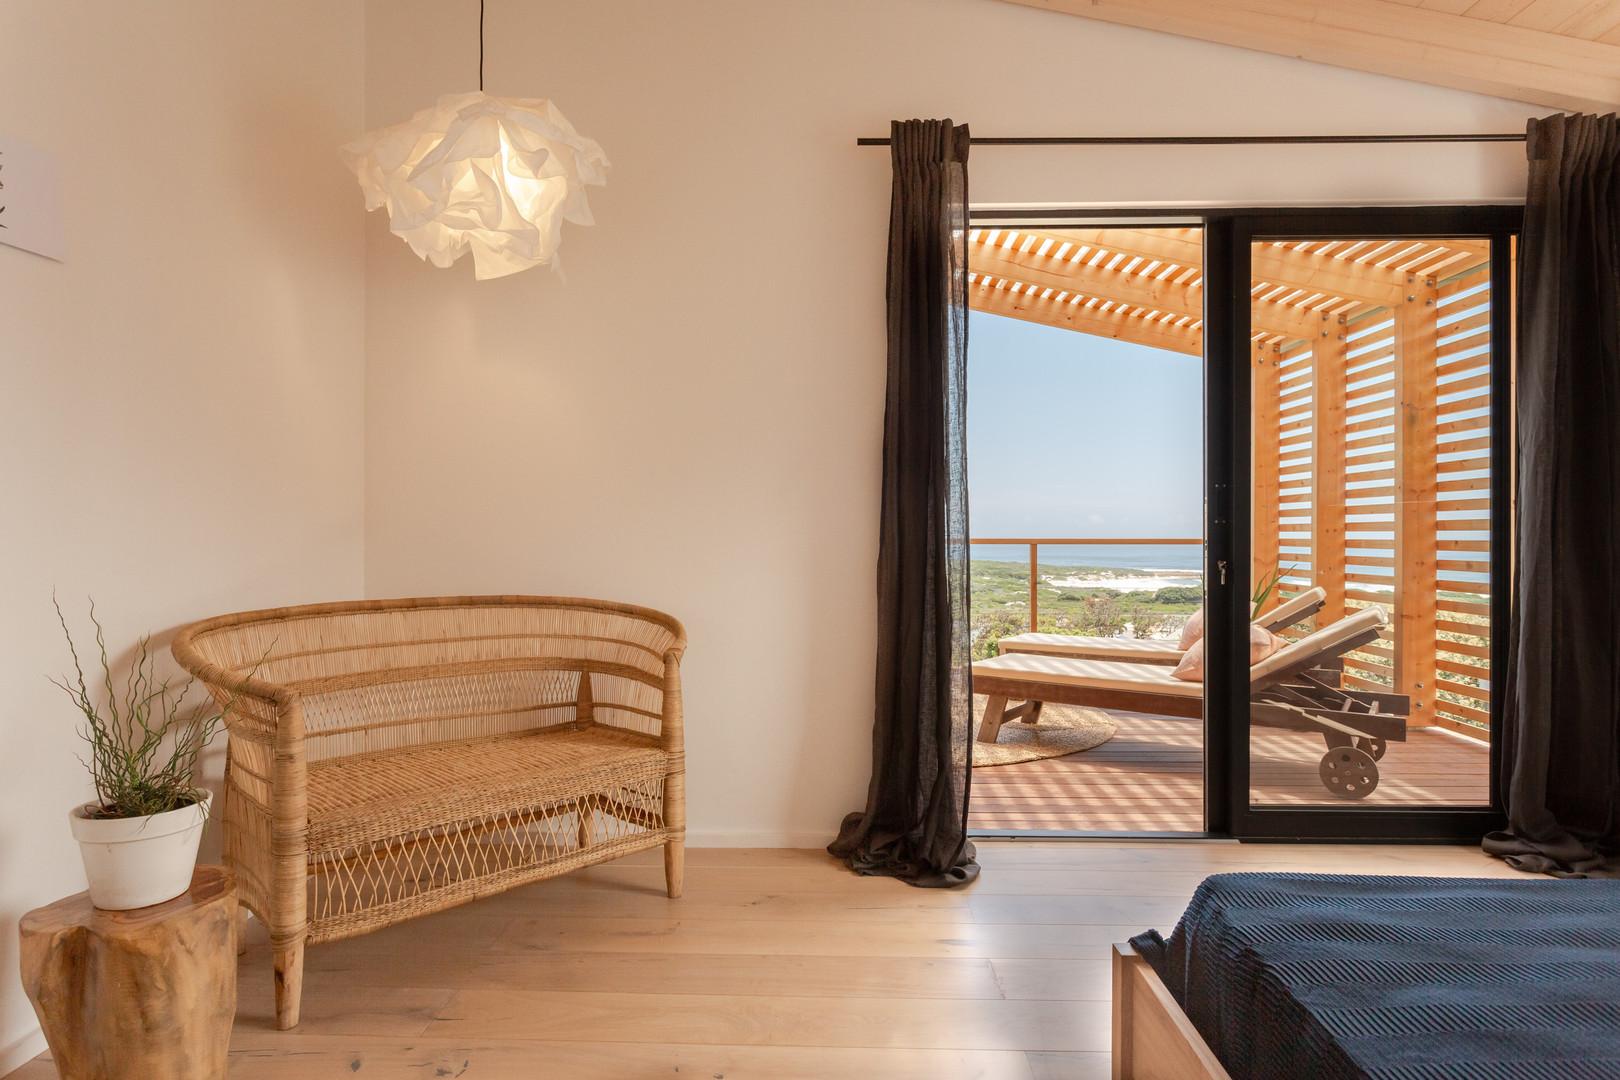 loft appt master bedroom.JPG